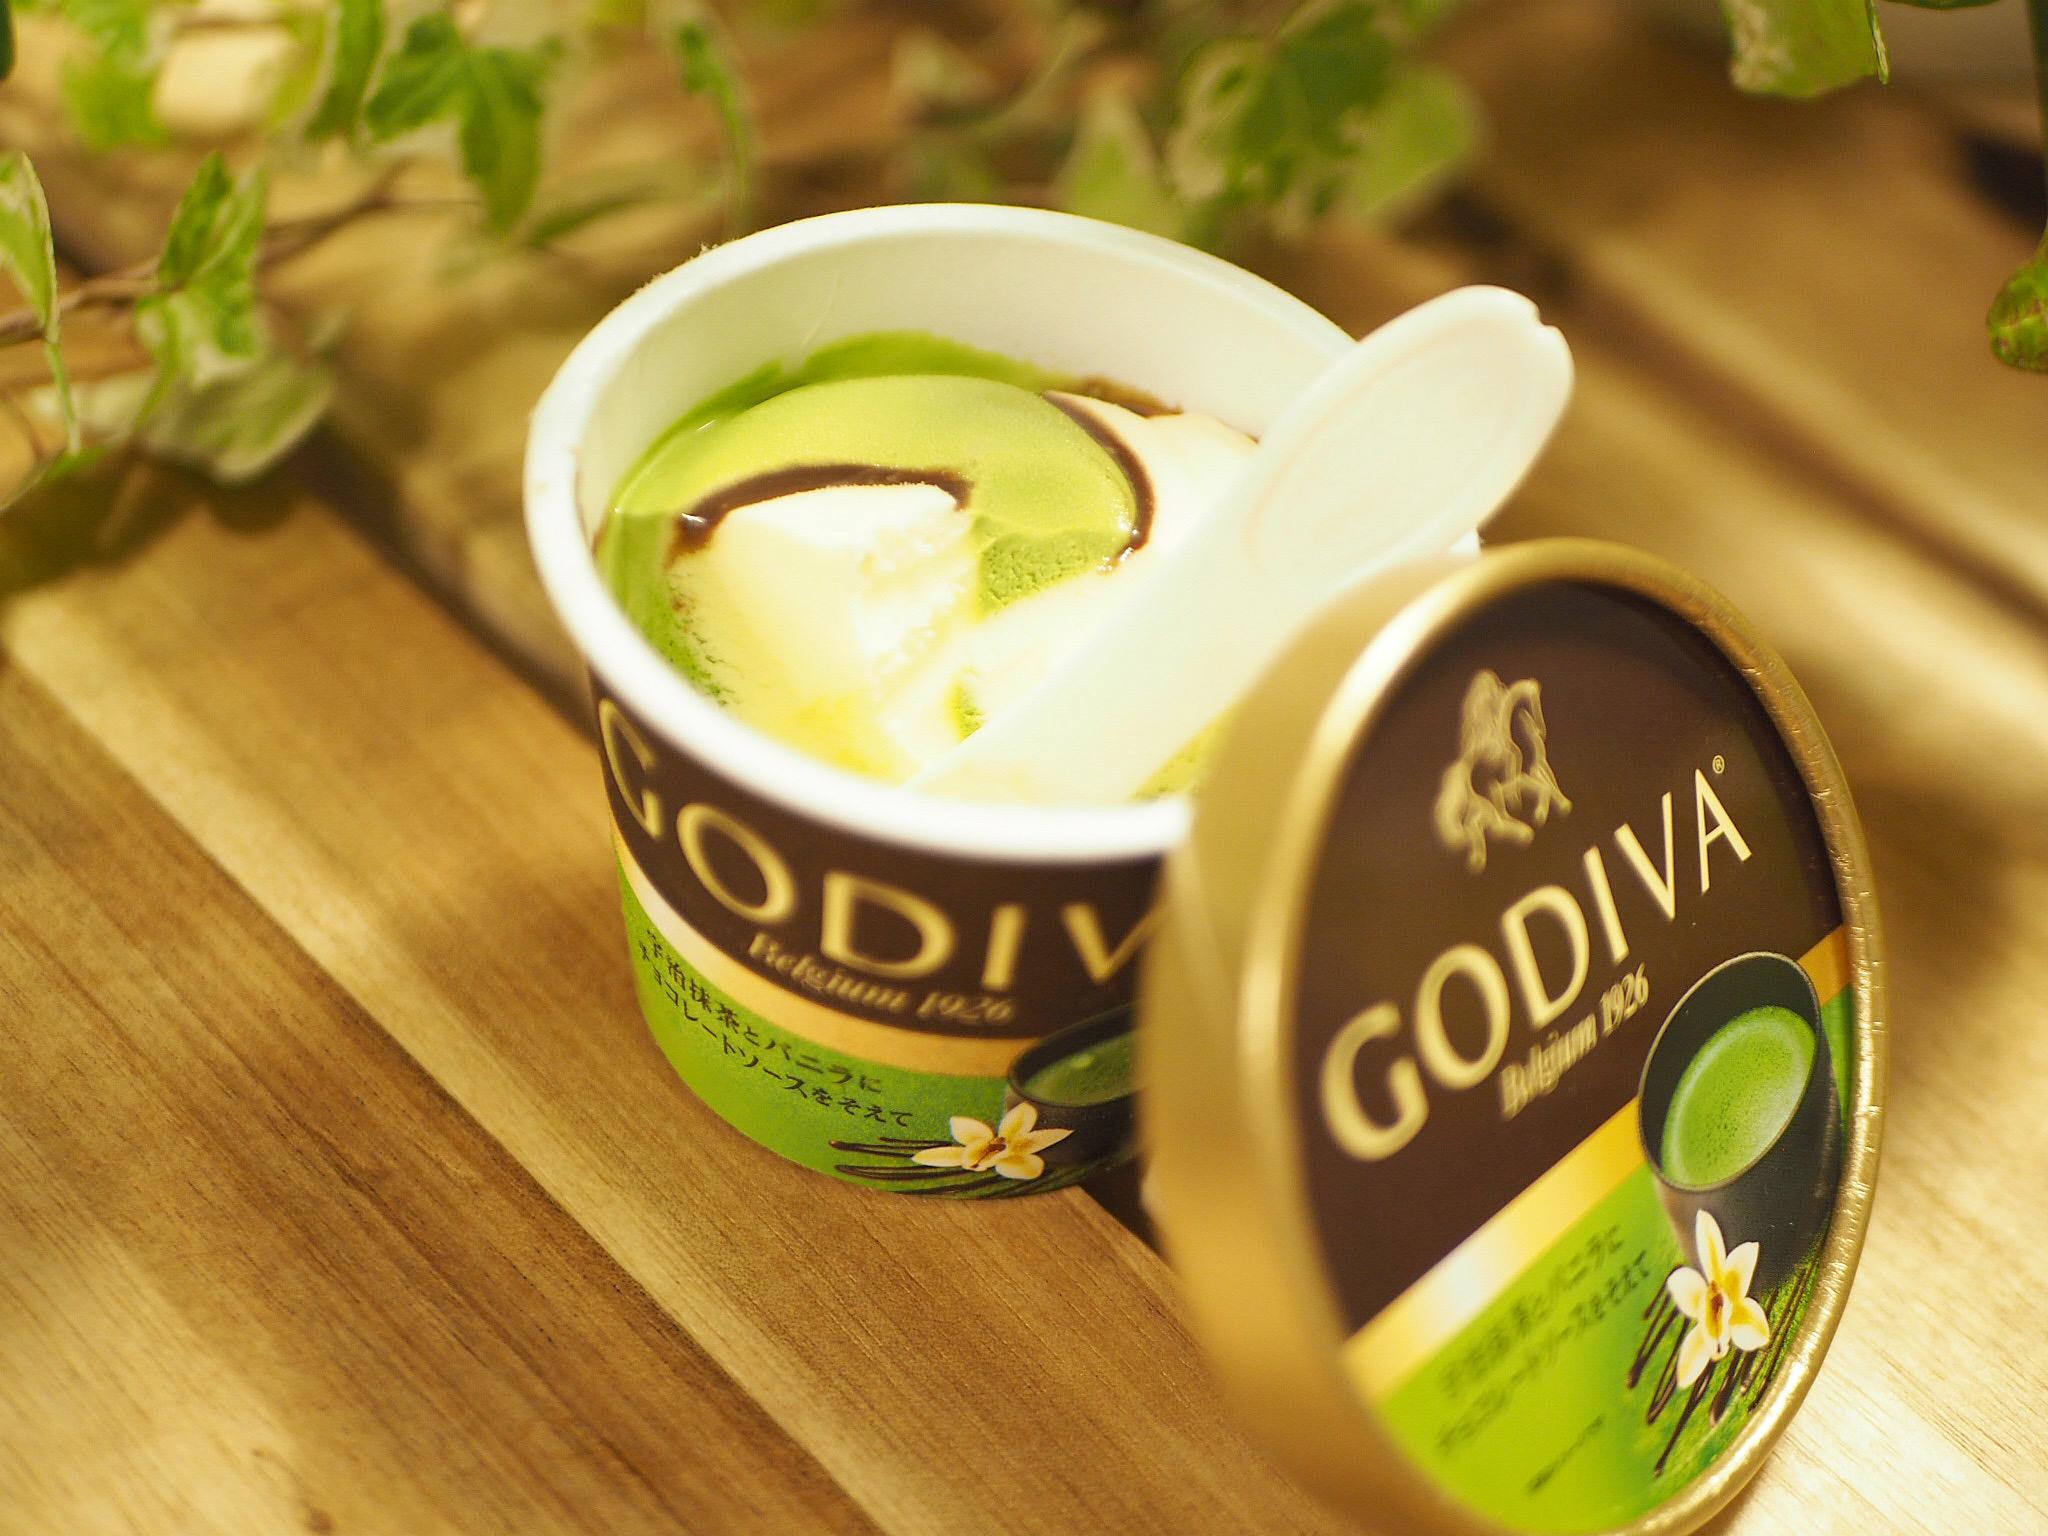 【おすすめアイス】《GODIVA×コンビニアイス》数量限定!「宇治抹茶とバニラにチョコレートソースを添えて」♡_5